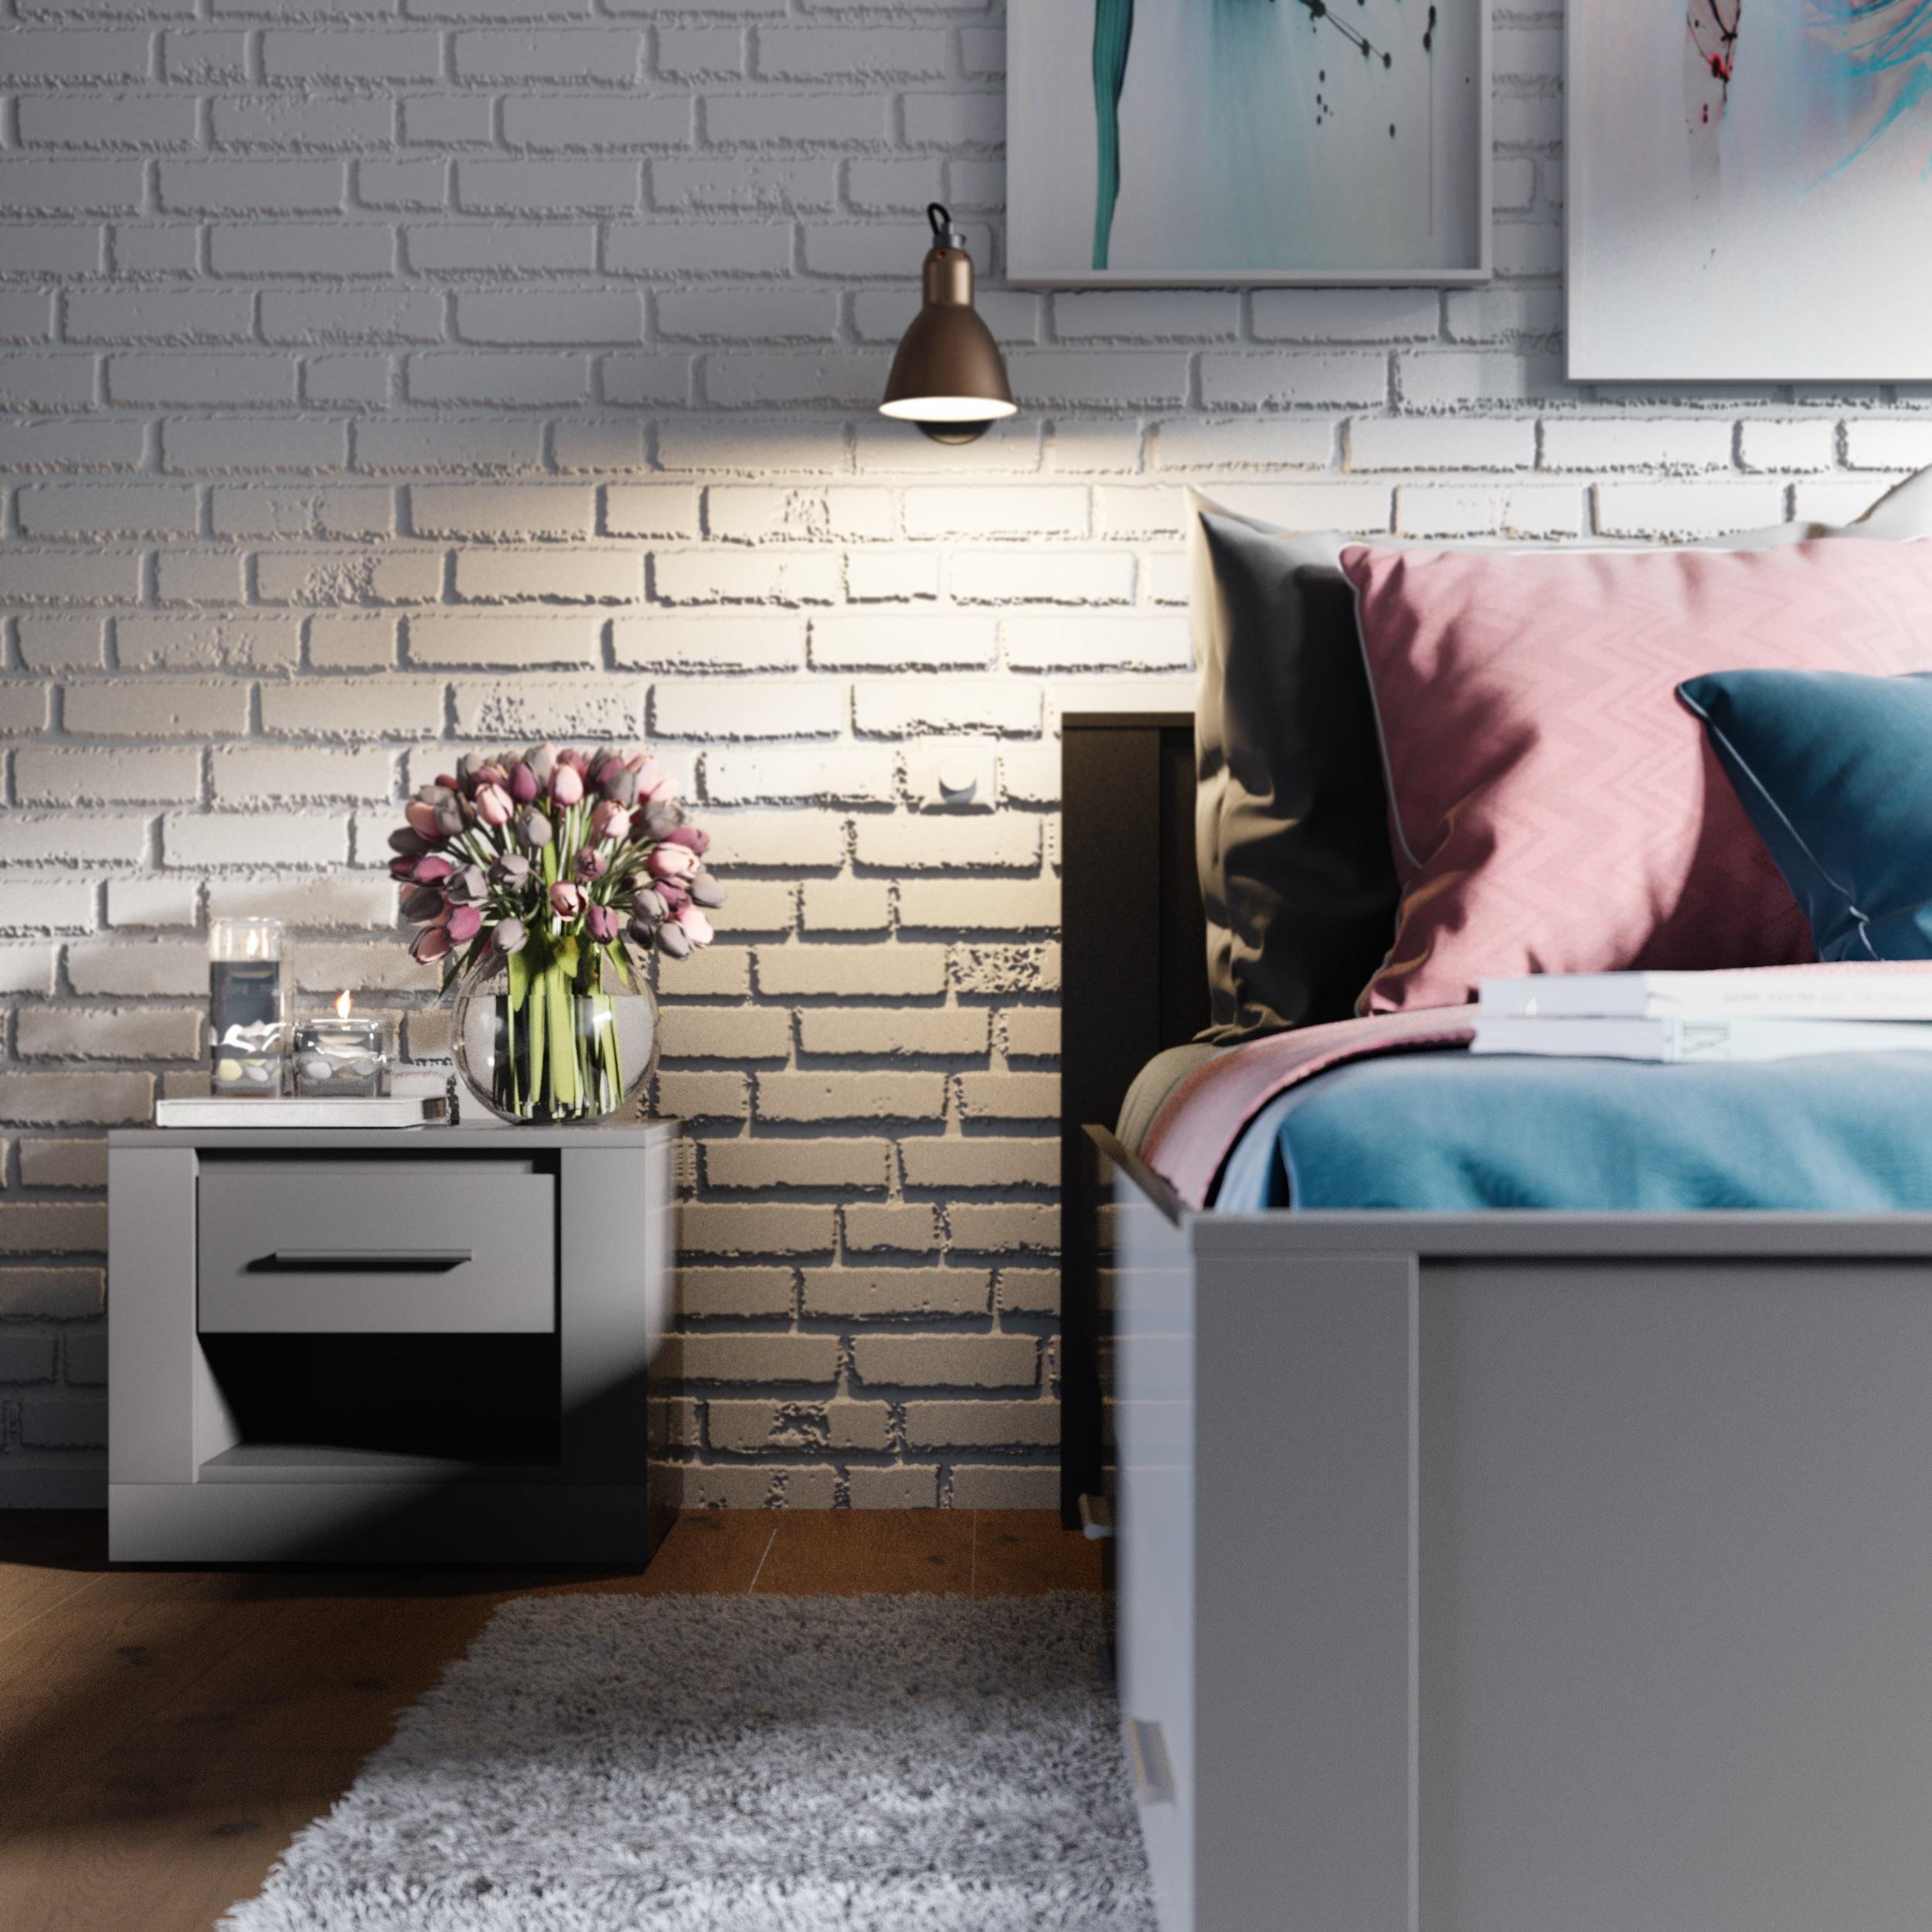 Dig-net nábytok Nočný stolík Idea ID-07 Farba: Dub san Remo